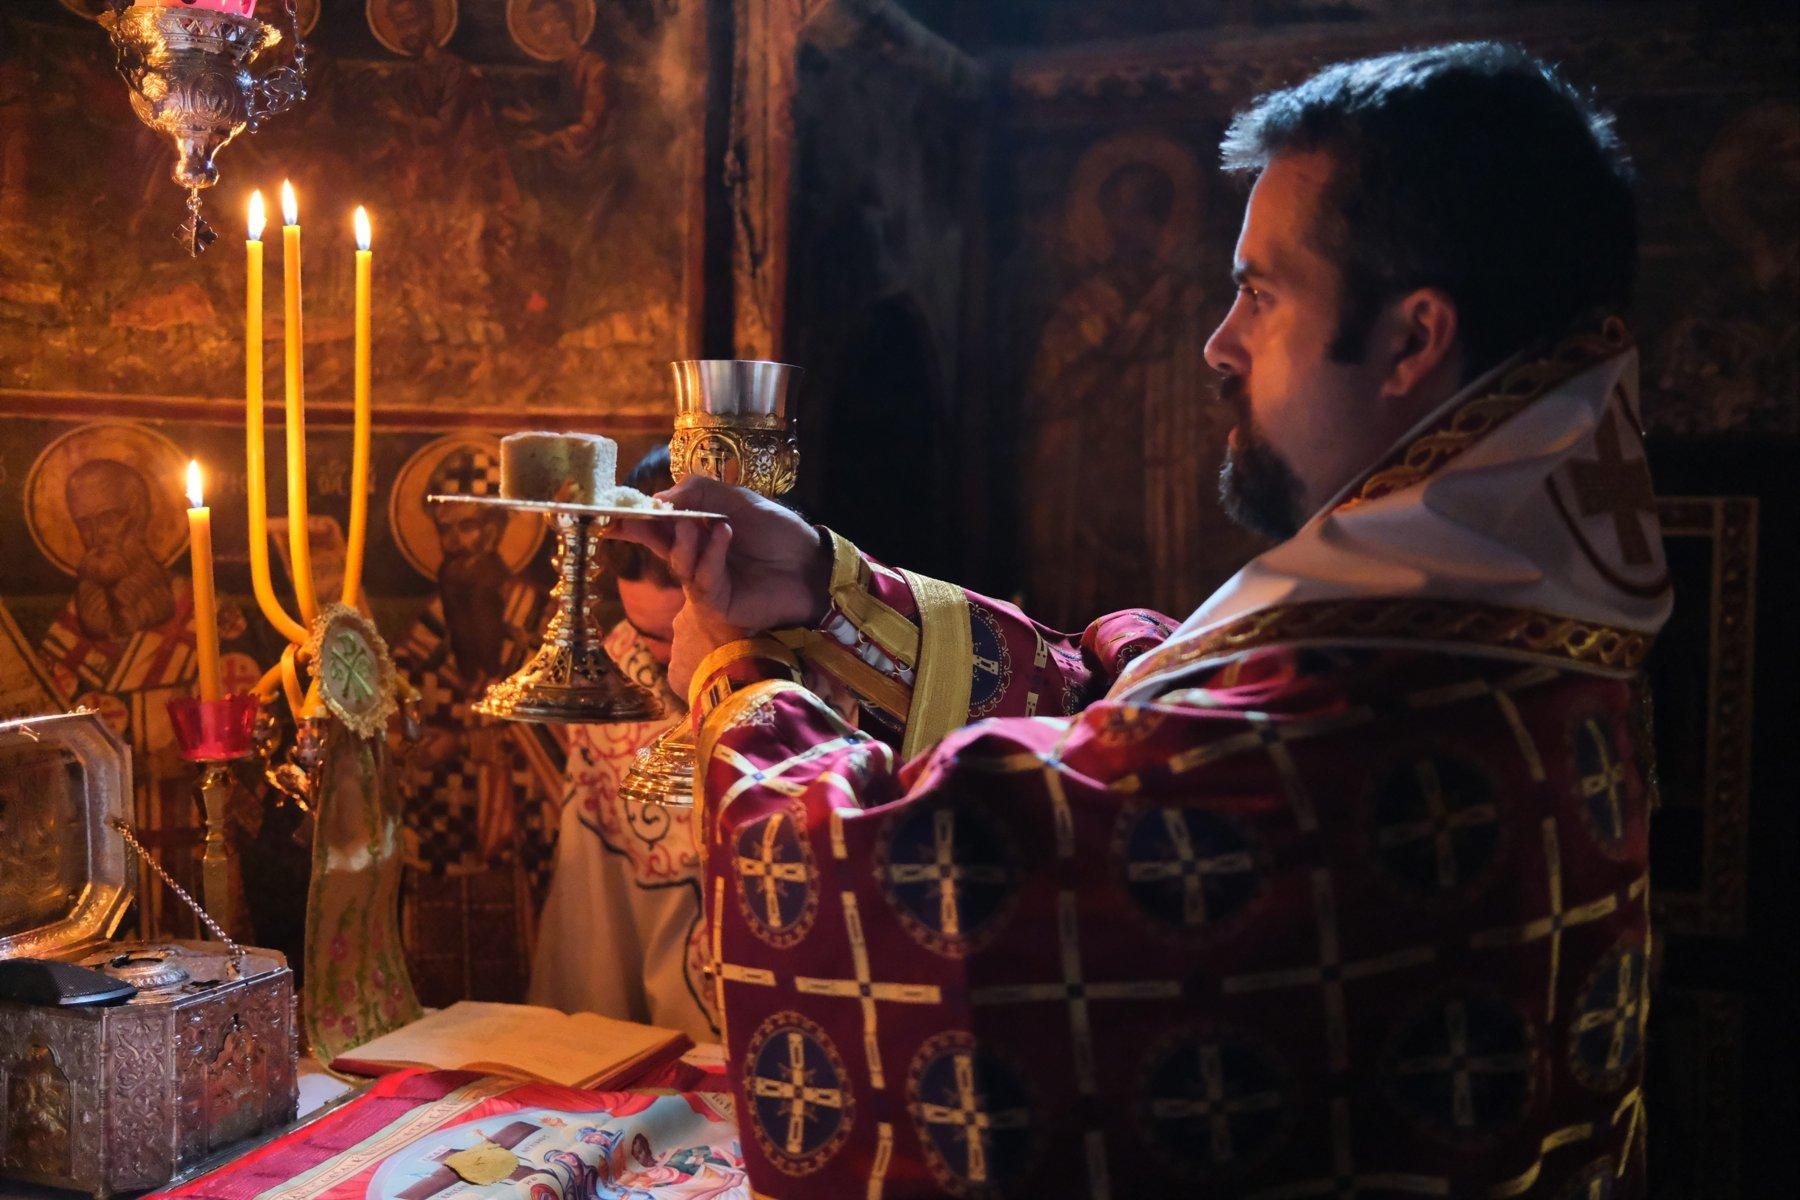 DSCF7883  - Ο Επίσκοπος Μελιτηνής στην Ι. Μονή Παναγίας Πελεκητής